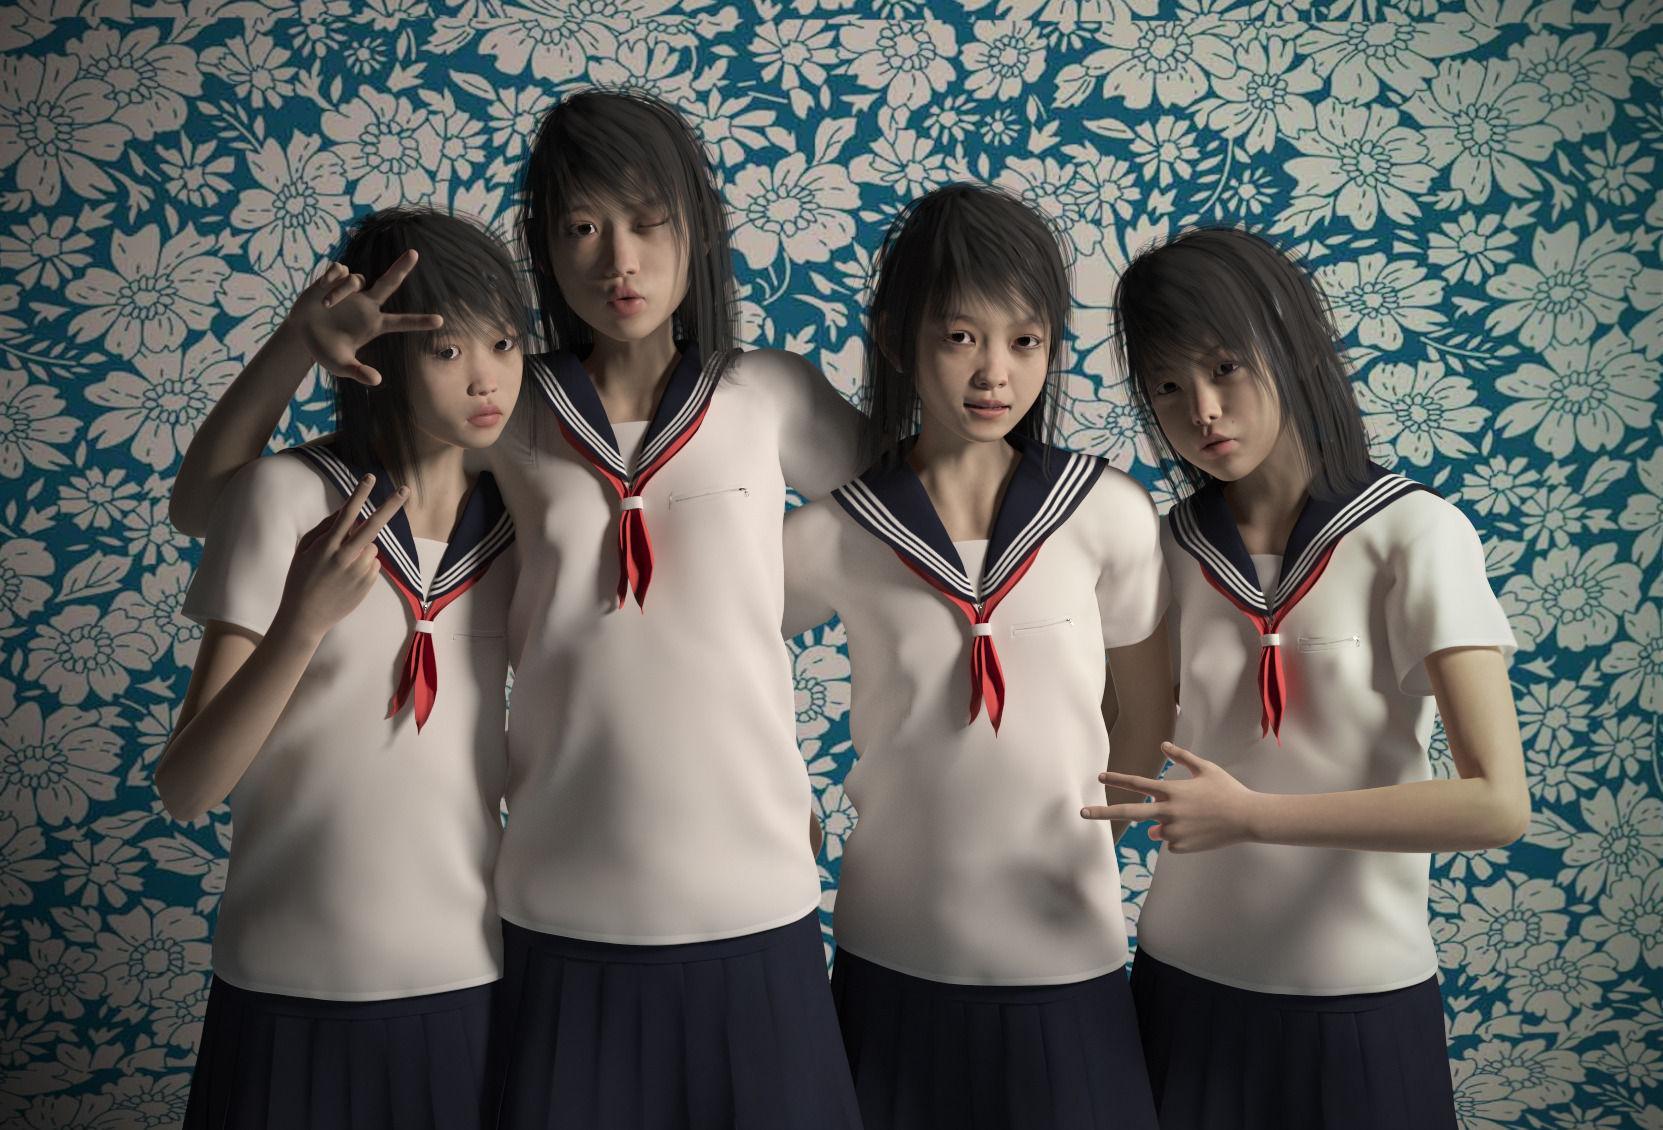 Asian girls for Genesis 2 Female pack